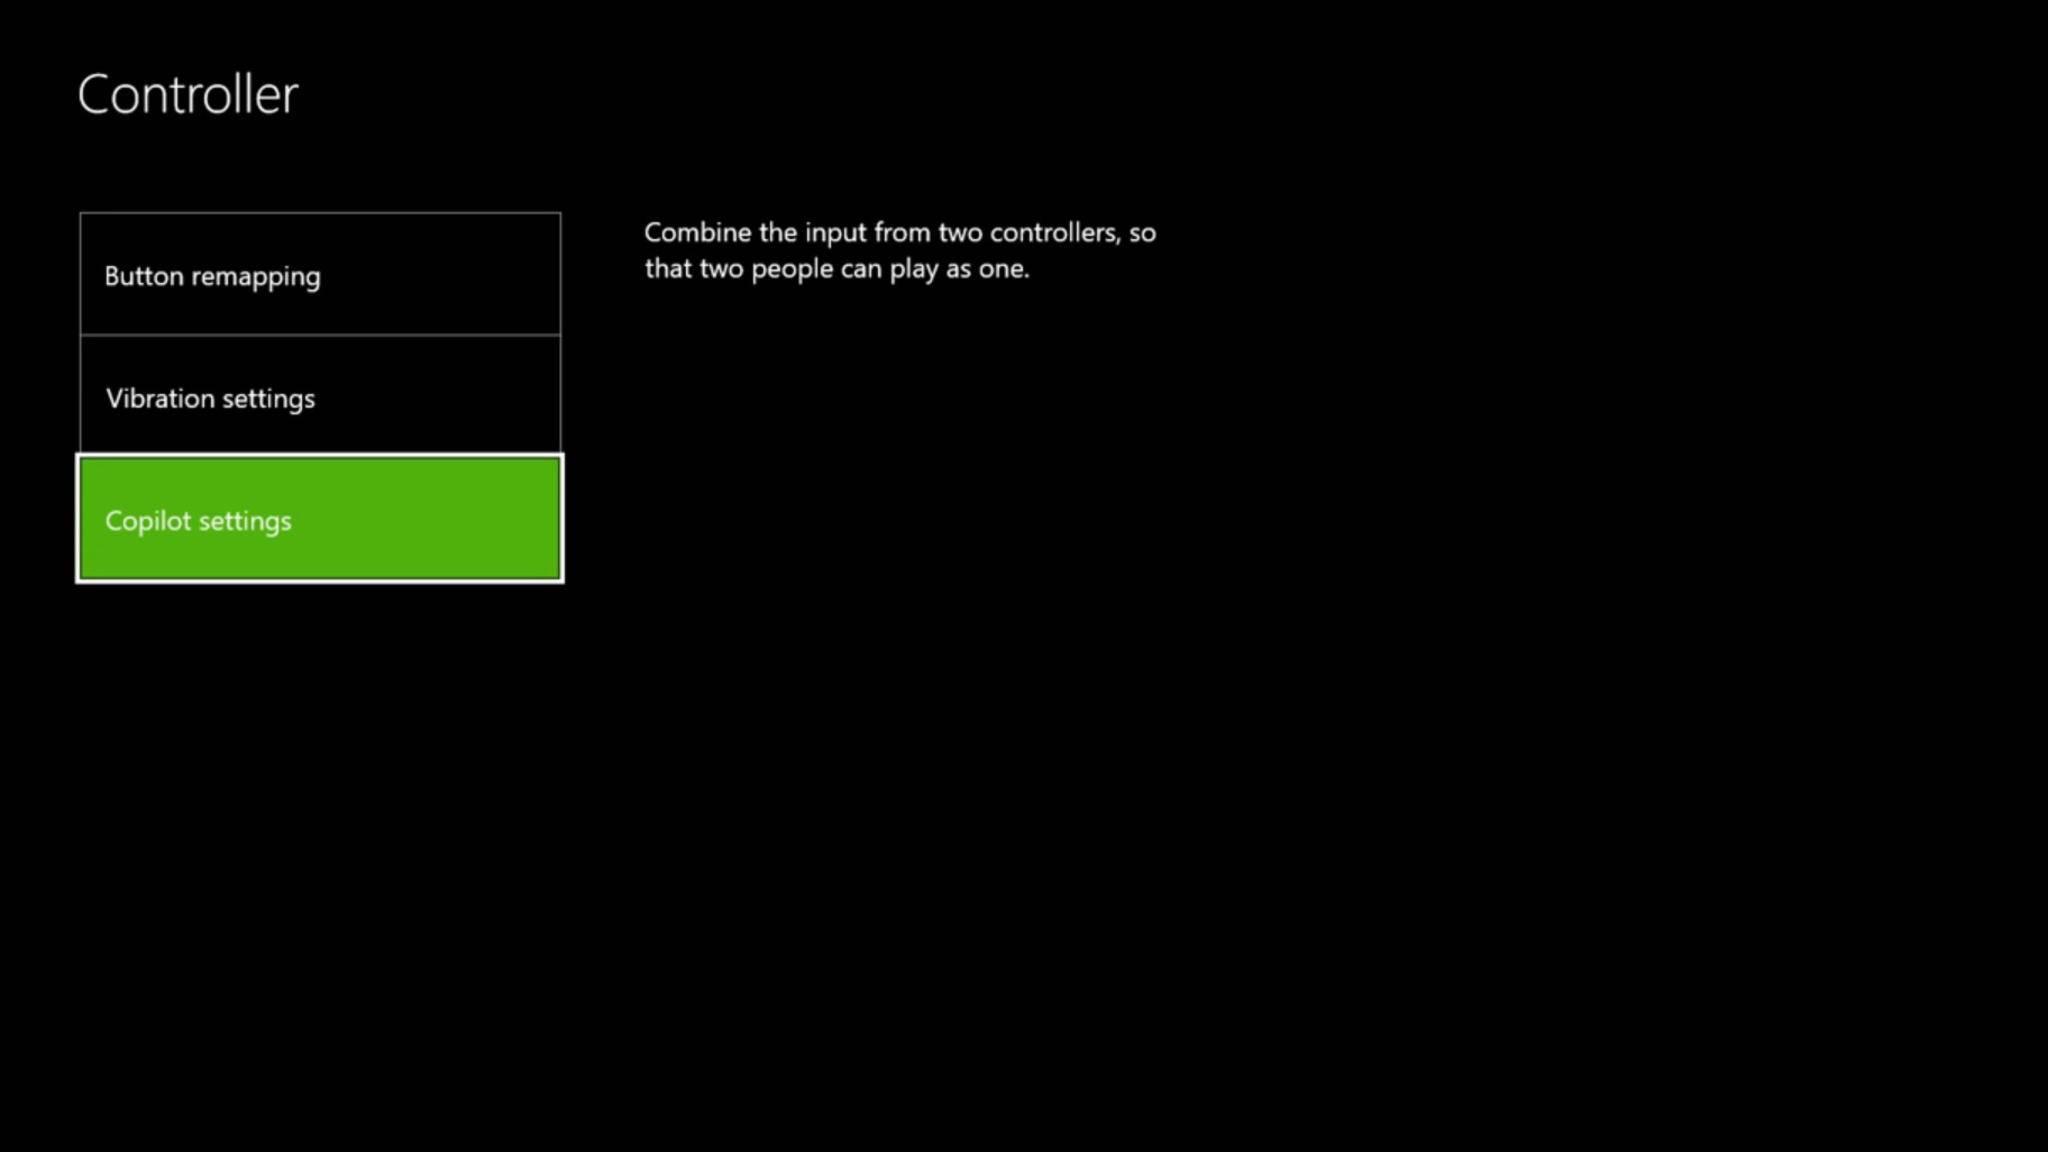 Nach der Aktivierung muss noch der zweite Controller ausgewählt werden.